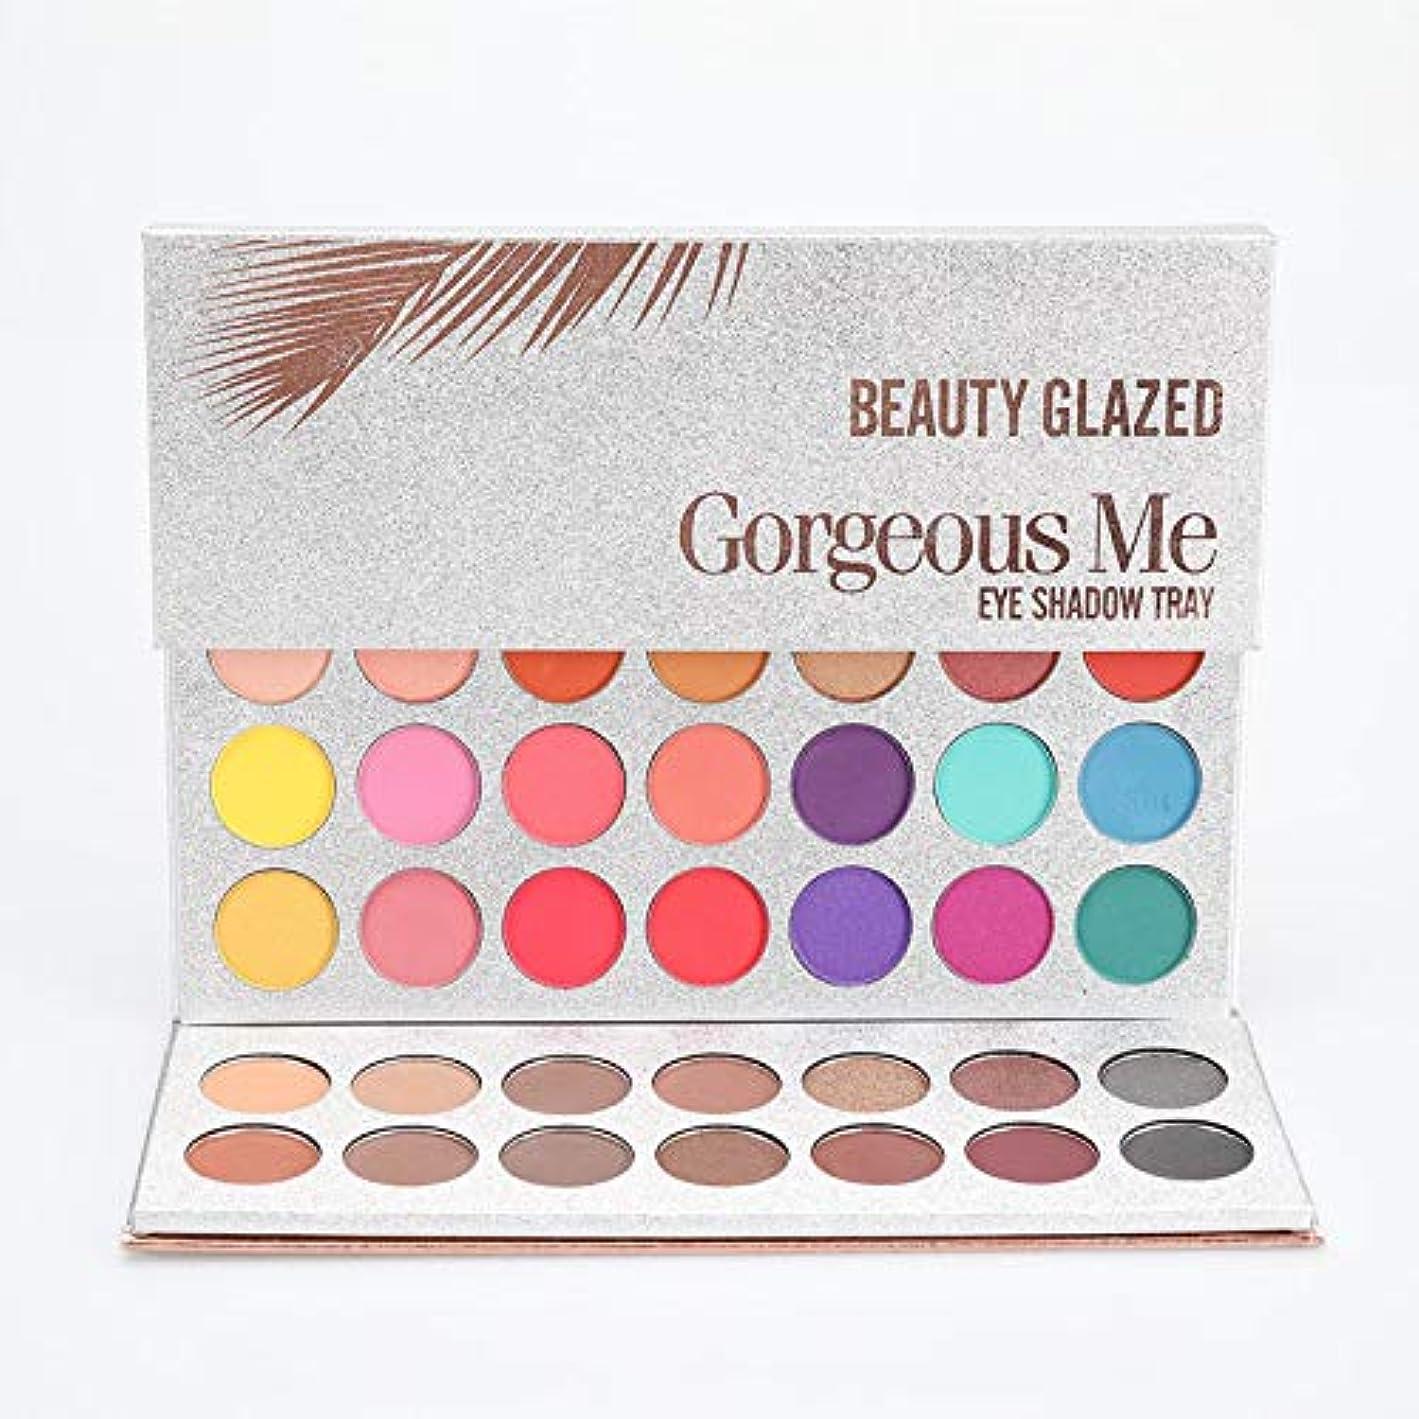 火山の岩ブロンズ63 Color eyeshadow pallete Glitter Makeup Matte Eye shadow make up palette maquillage paleta de sombra 63色のアイシャドーパレエキラキラメイクアップマットアイシャドウメイクアップパレットマキアージュパレタデムブラブ